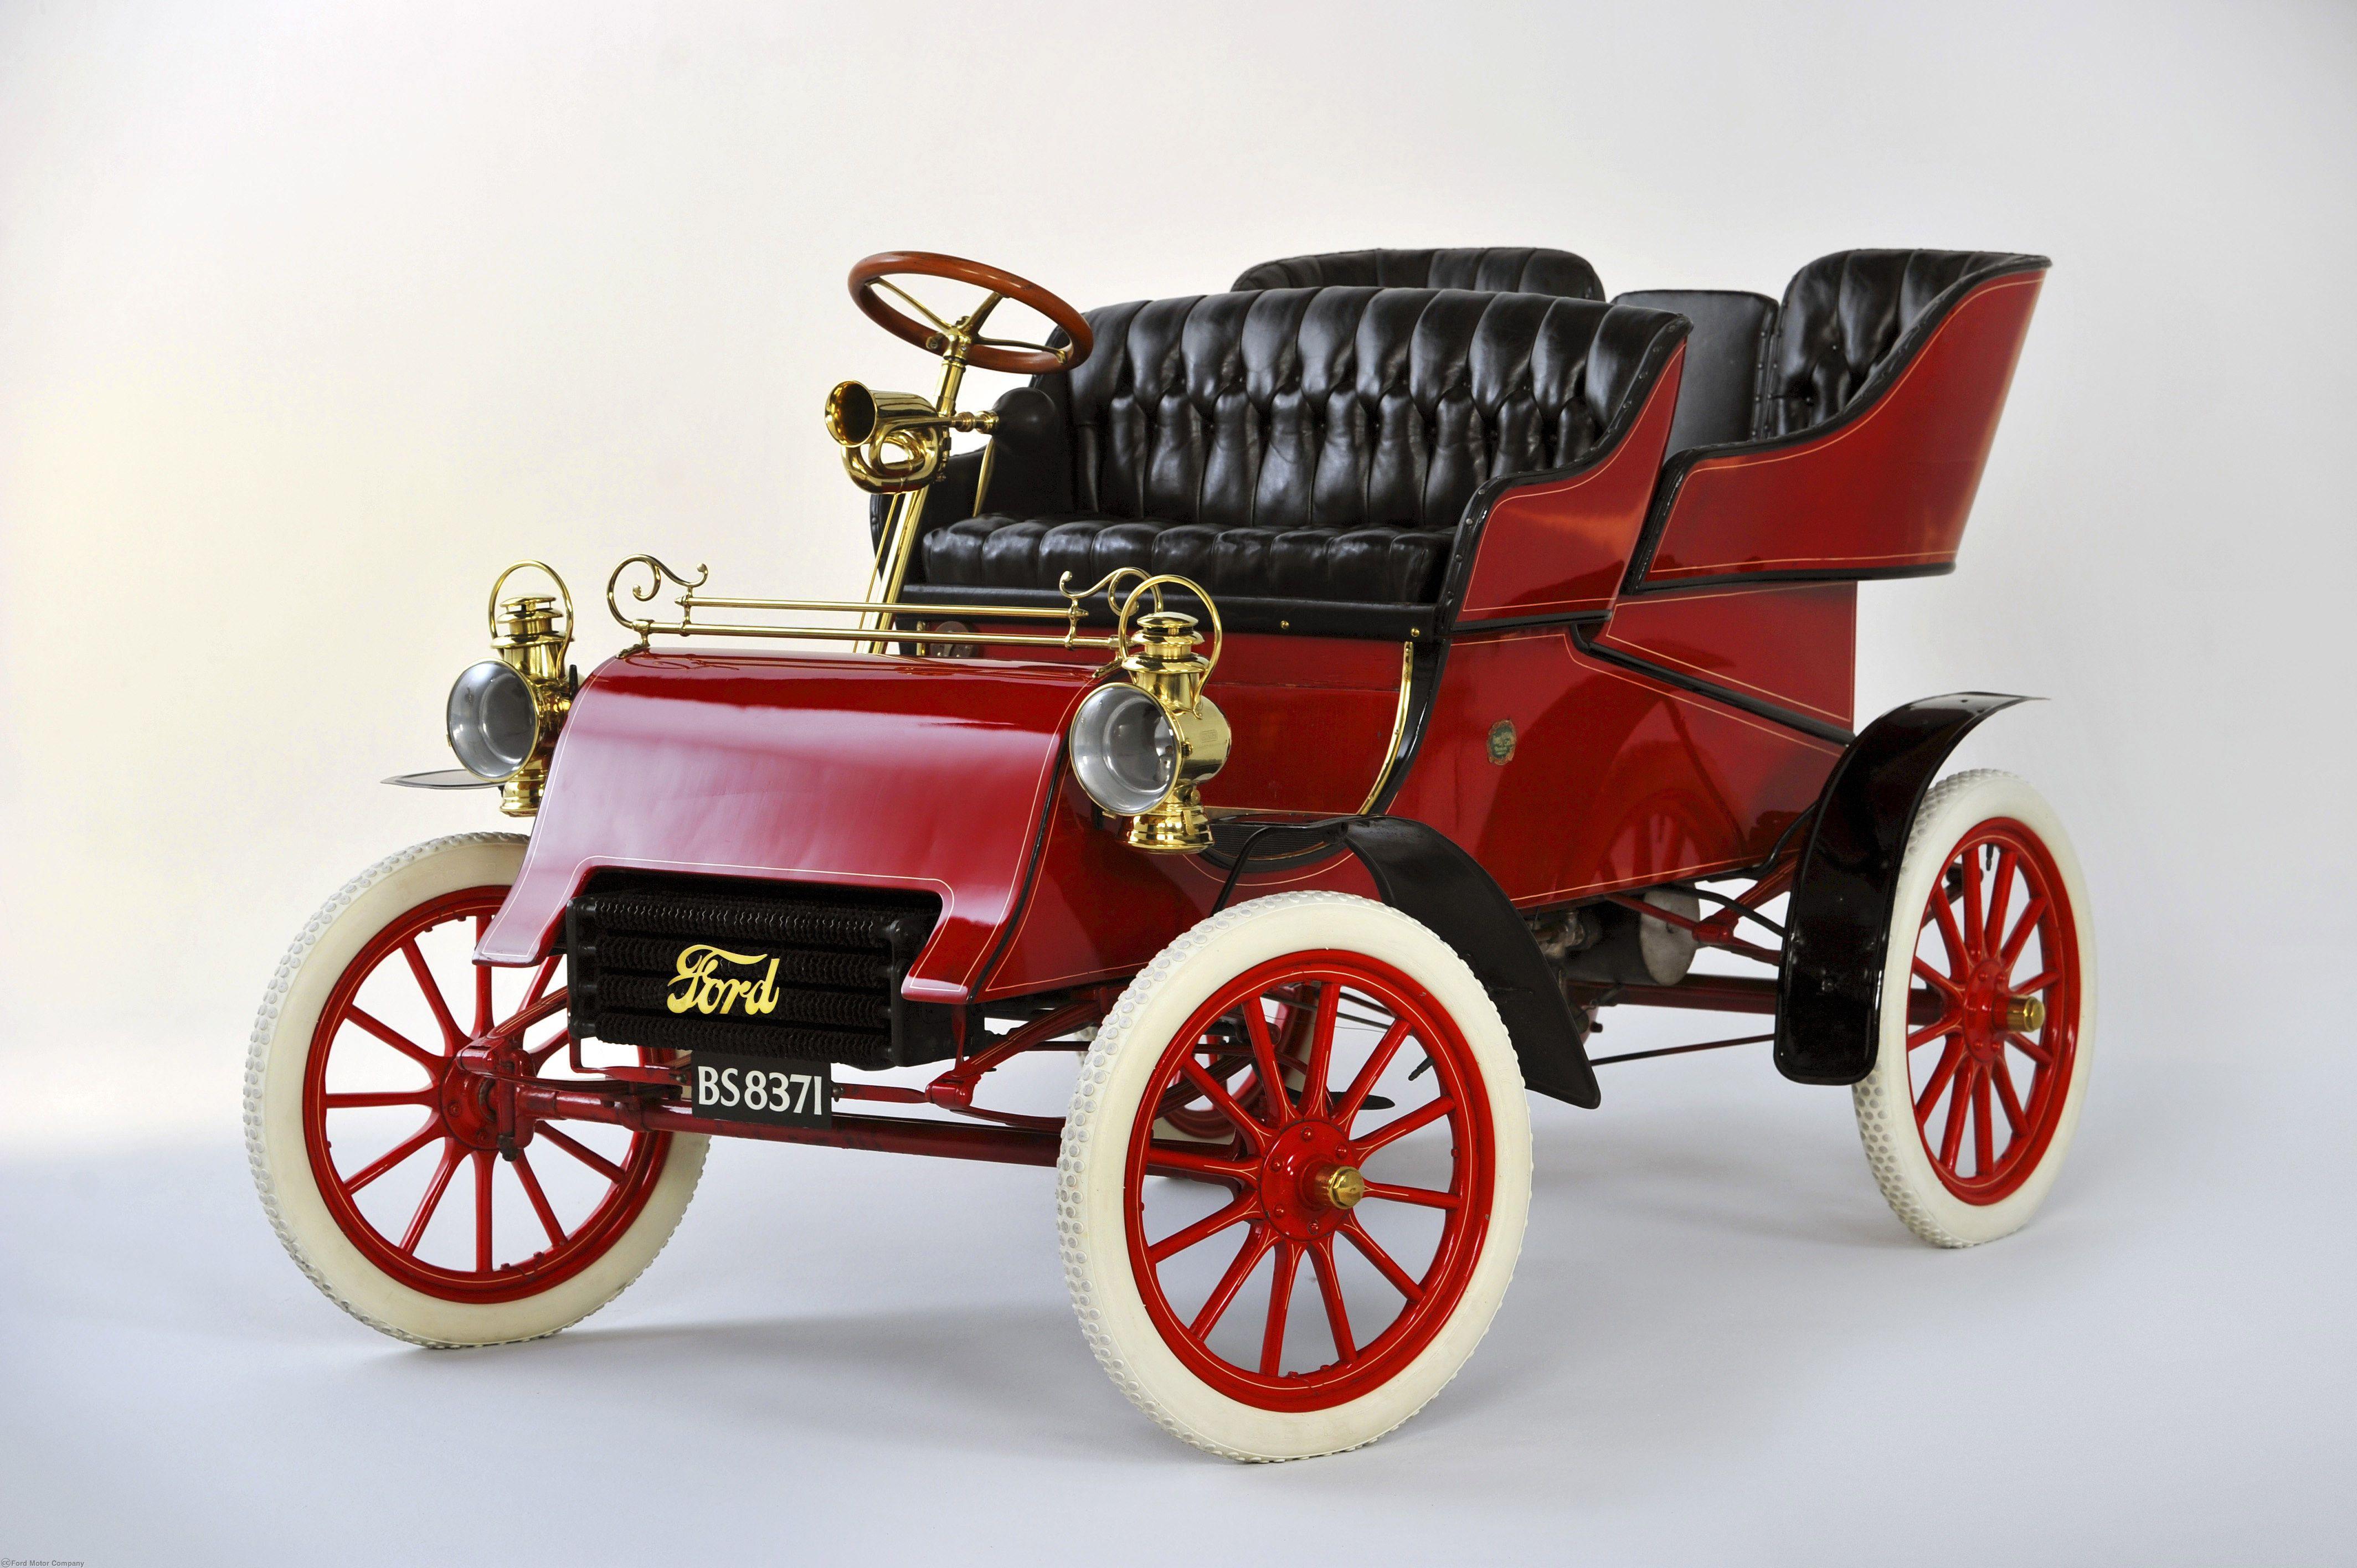 1903 ford model a. | vintage vehicle | pinterest | ford models